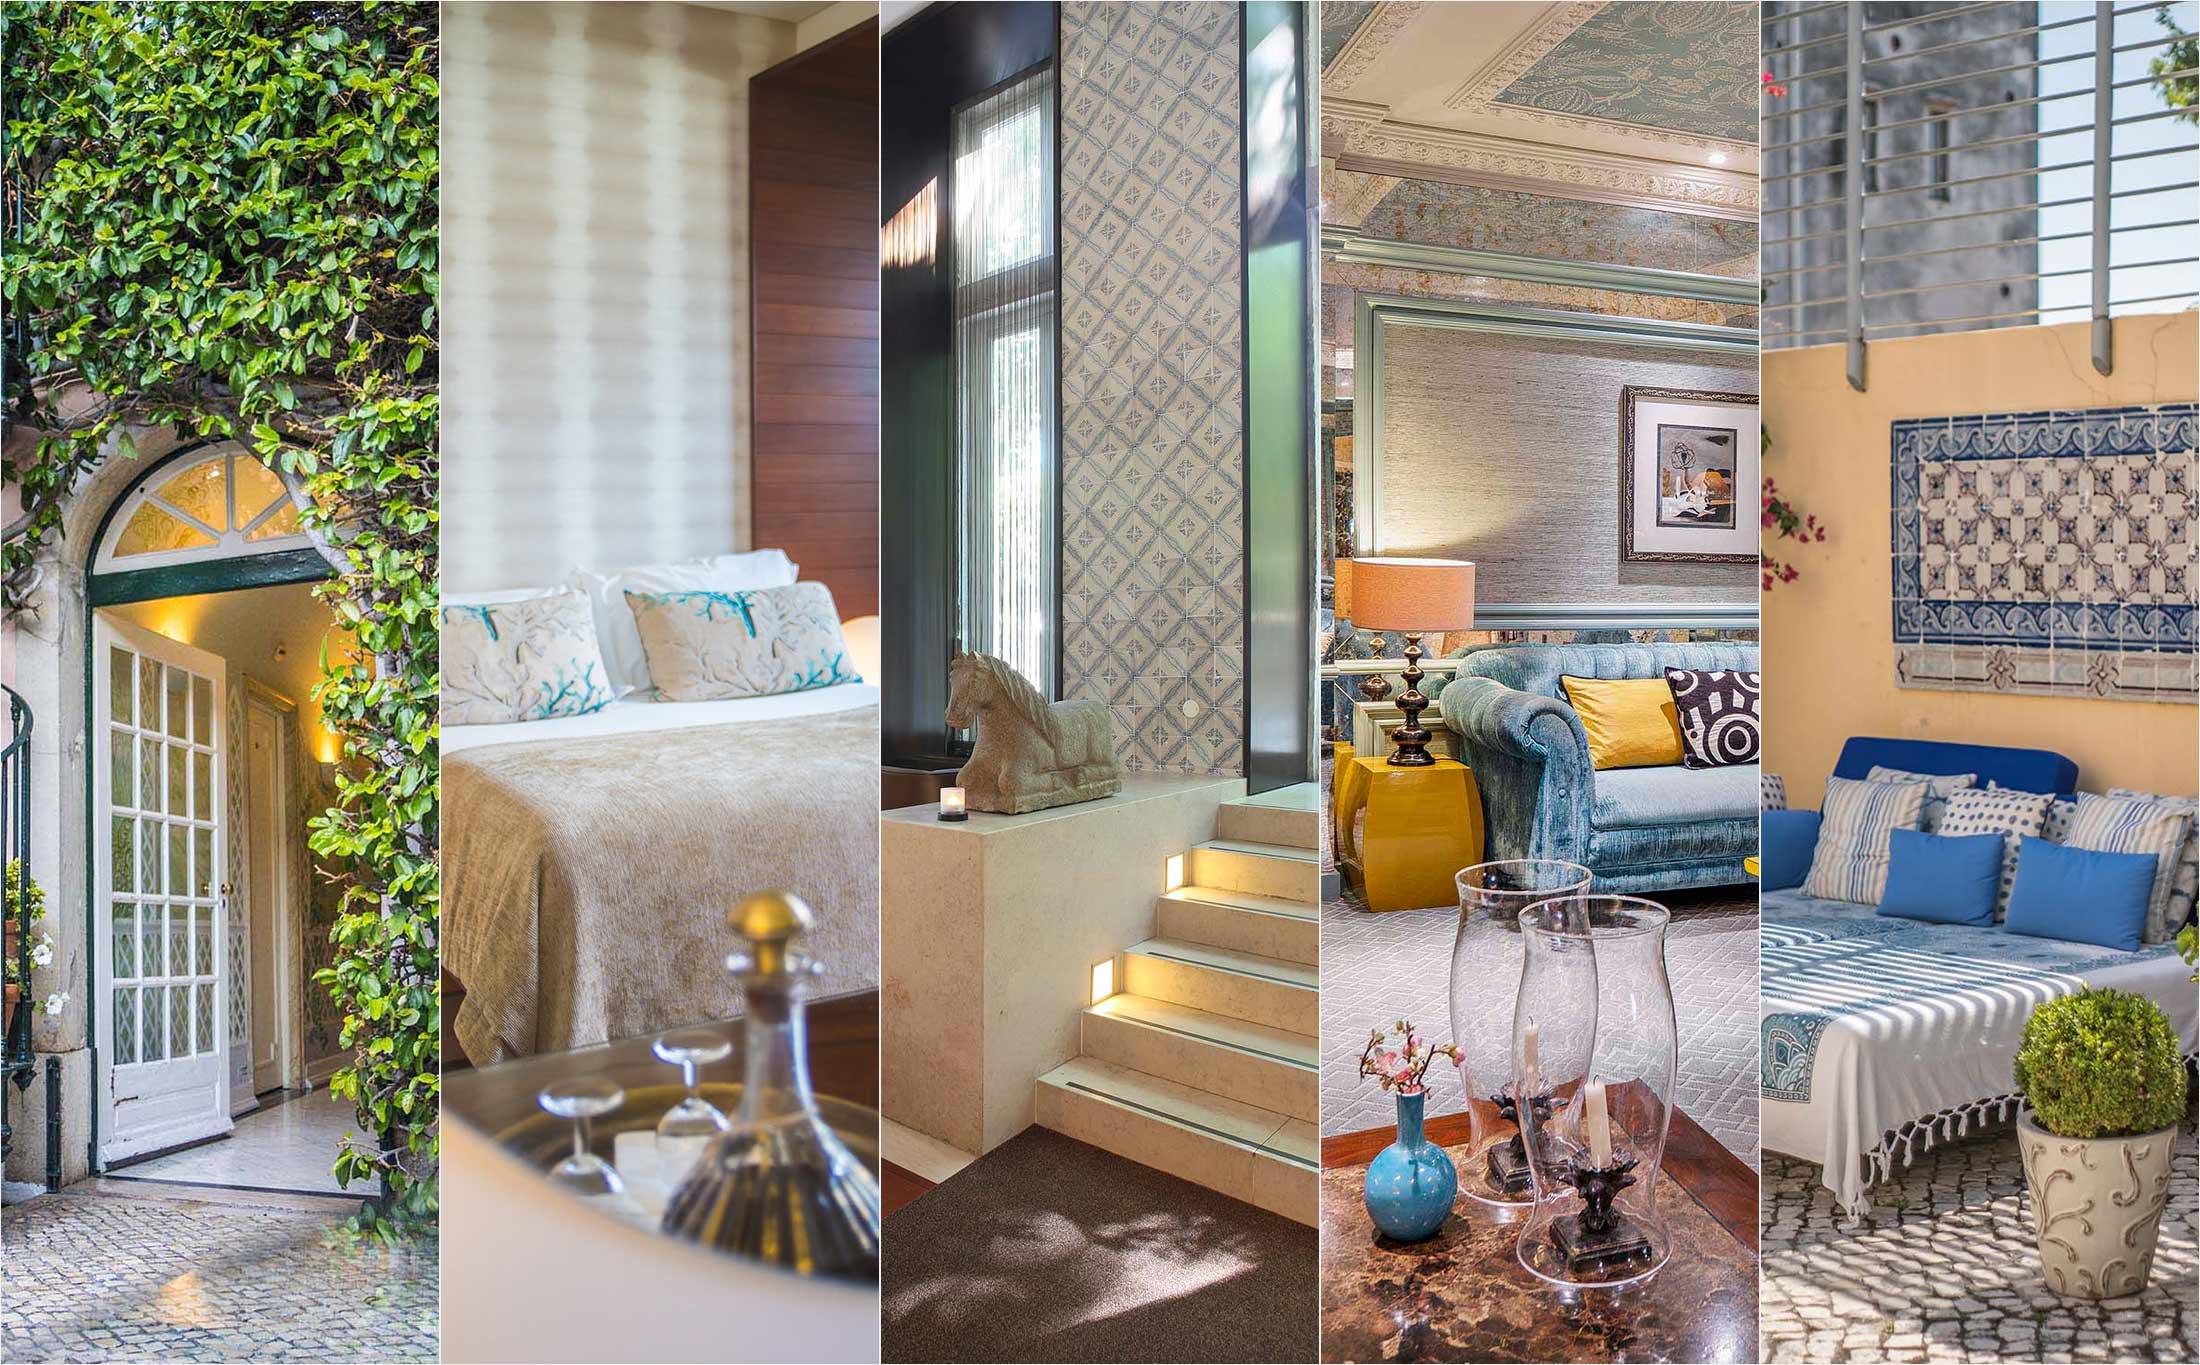 Hotéis Heritage Lisboa reforçam Acessos Virtuais a todos os Serviços